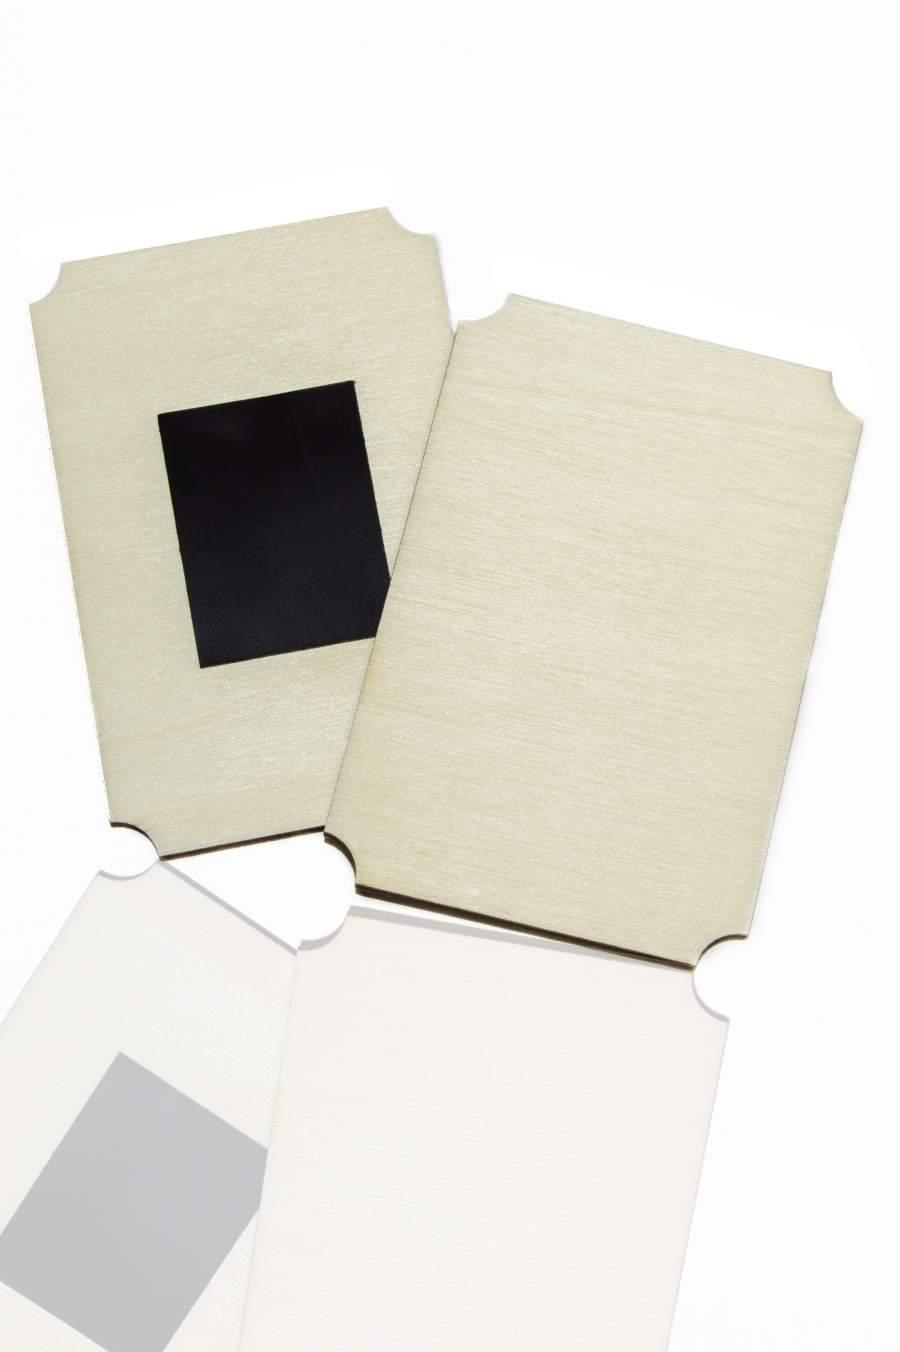 106. Placă din lemn pentru magnet frigider 90x50mm